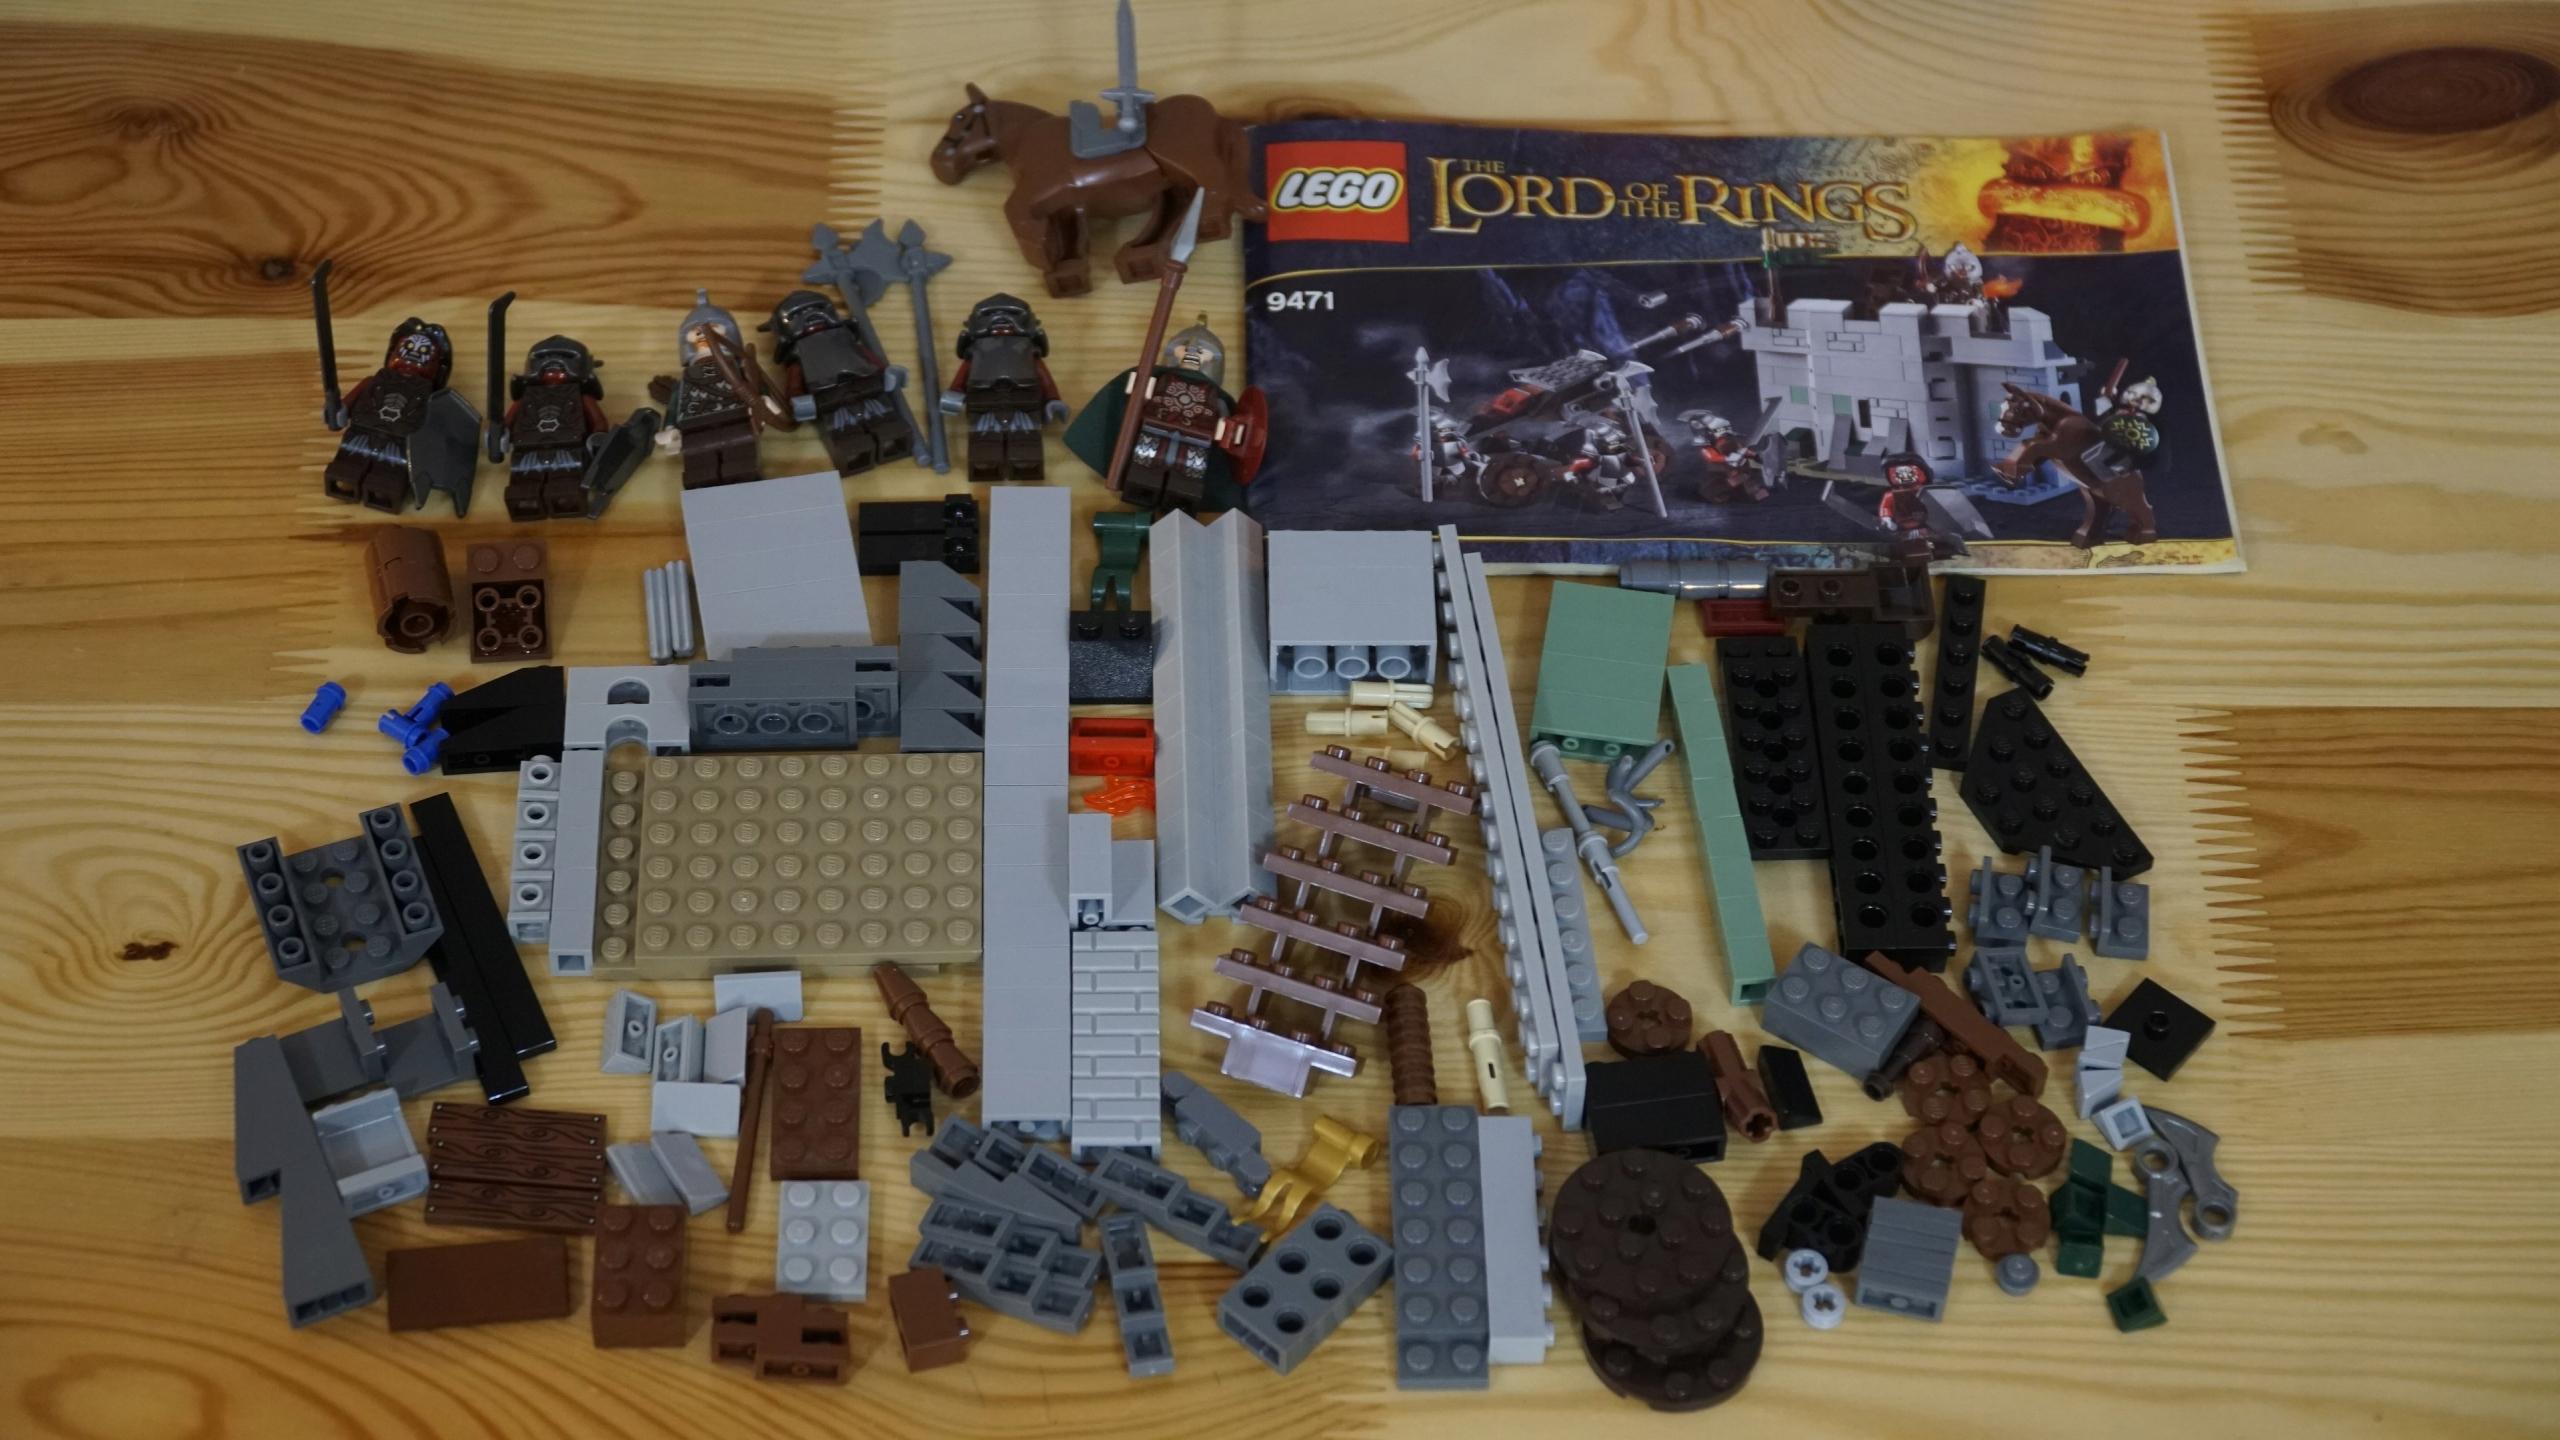 Lego Władca Pierścieni 9471 100 Komplet Ideał Uru 7802104395